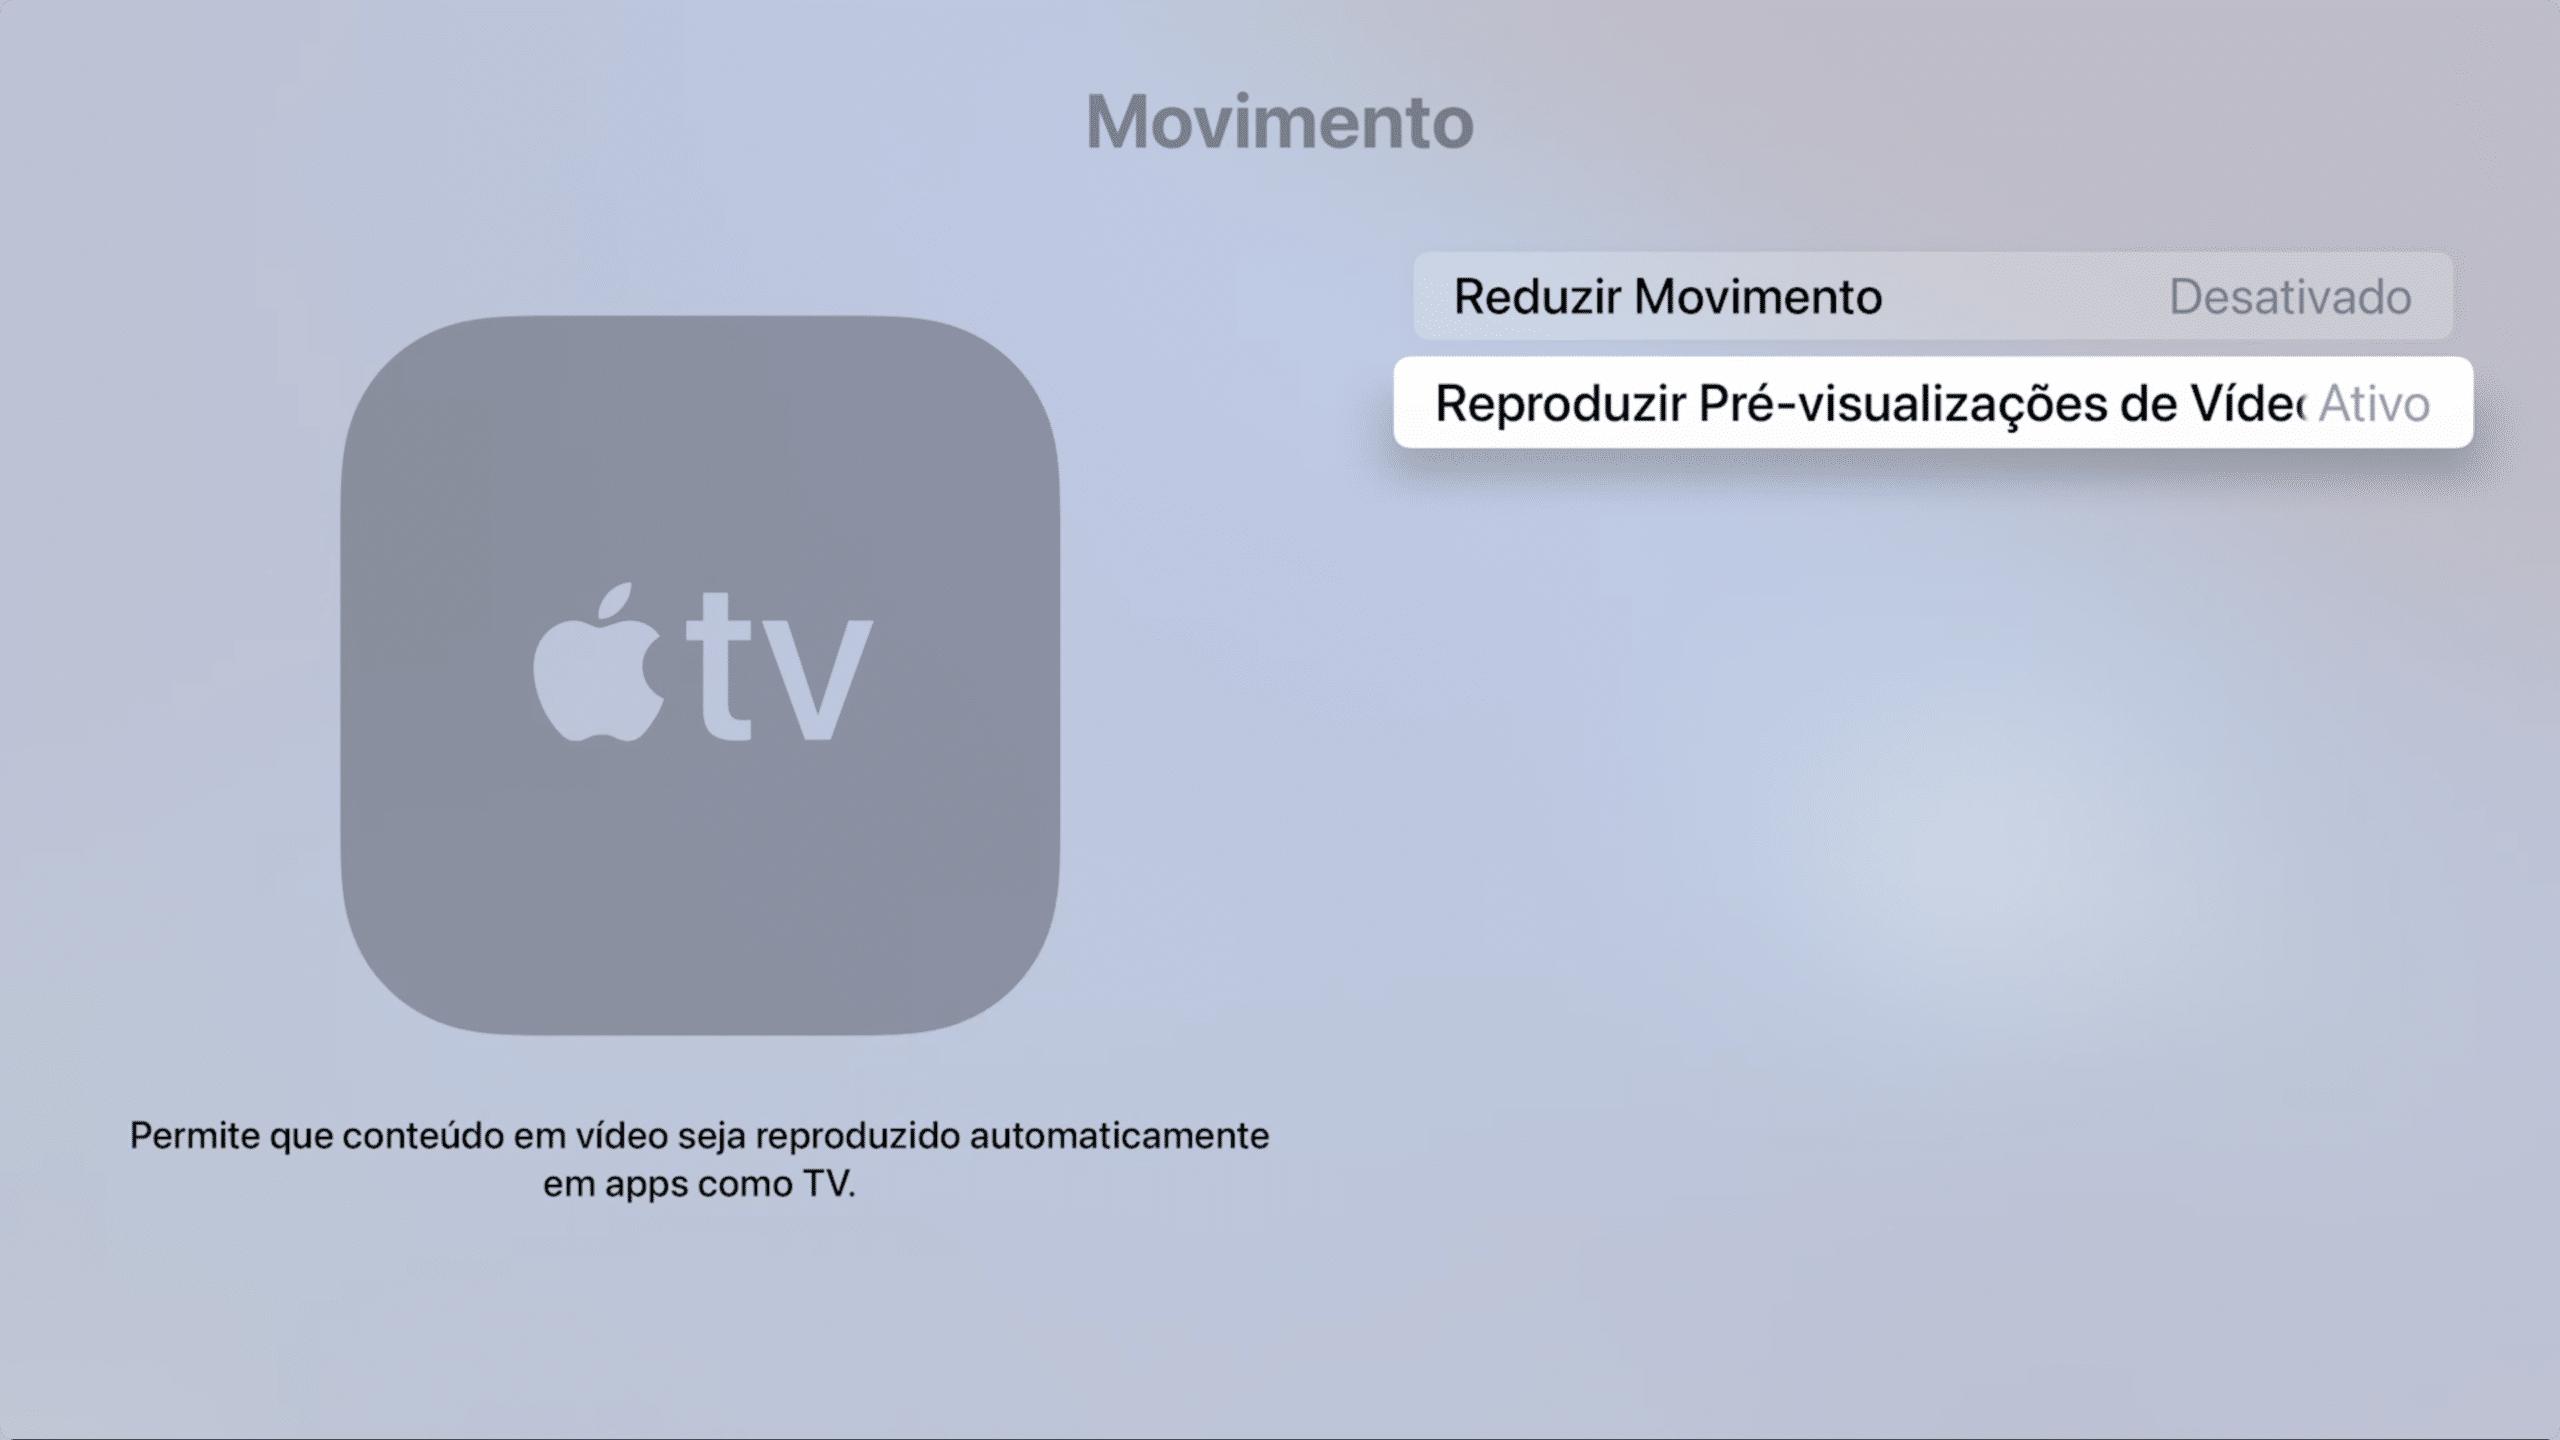 Reprodução automática de vídeo na Apple TV